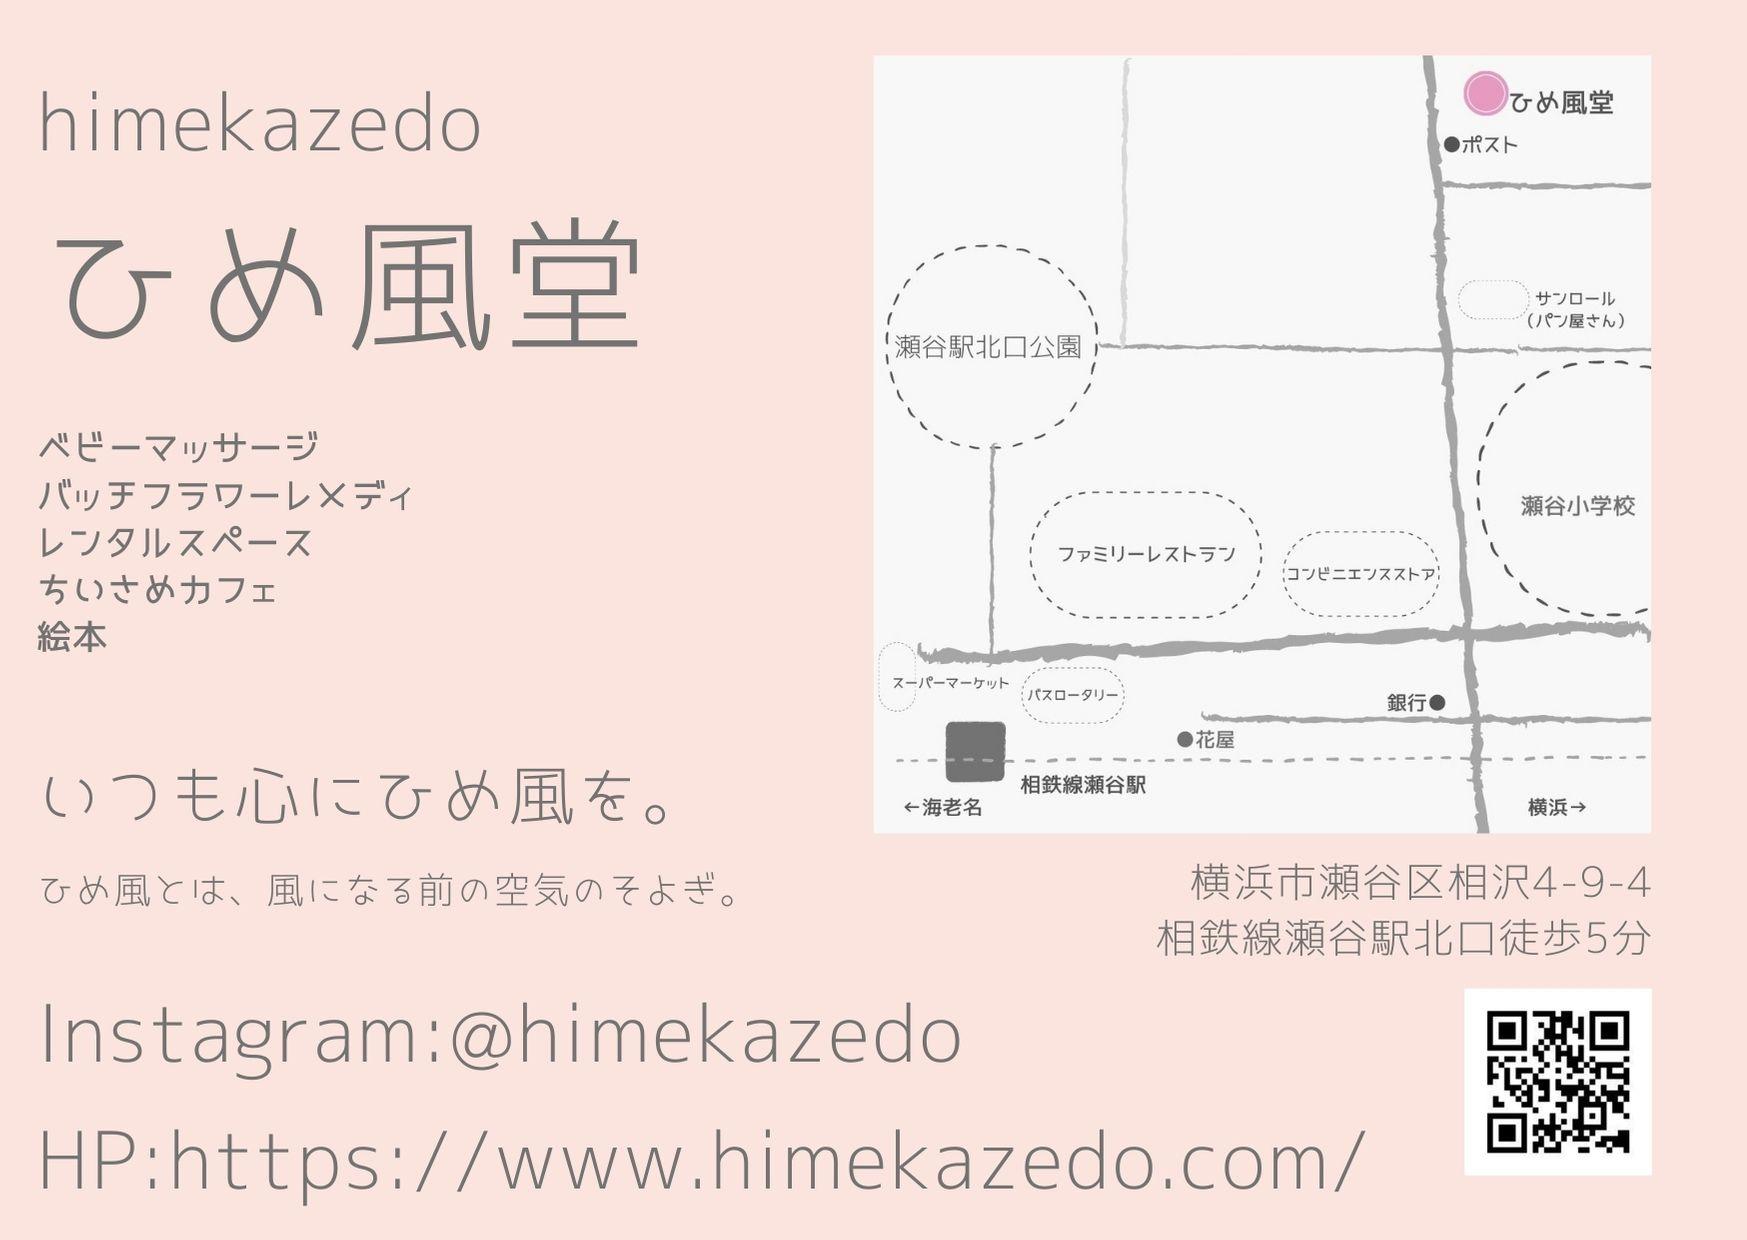 スタジオ&カフェひめ風堂、オープンいたします/横浜市 瀬谷 三ツ境 大和 相鉄線